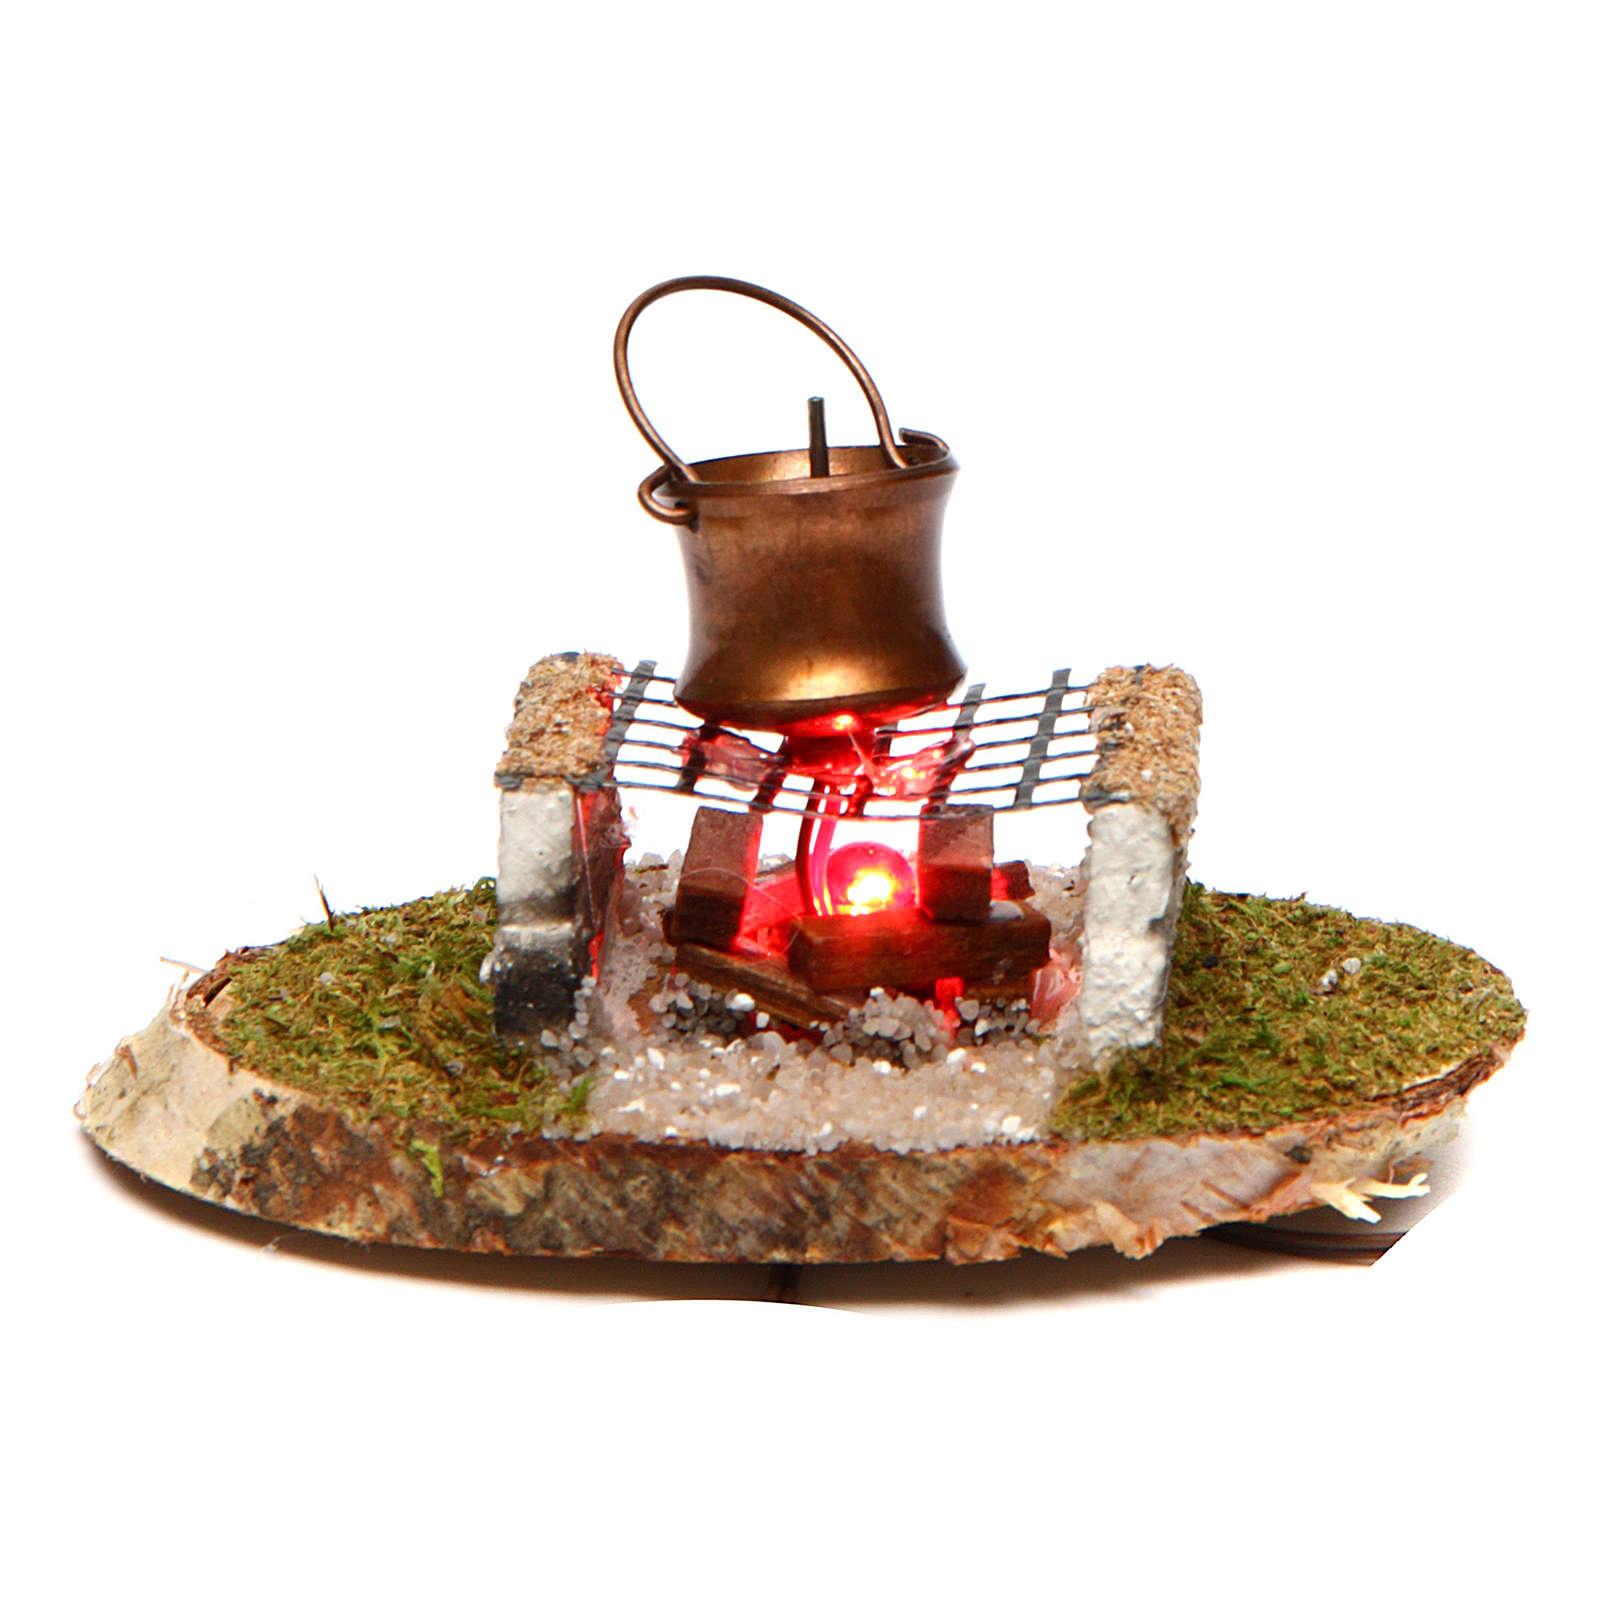 Pentola su caminetto di griglia e pietra 4,5 V 4